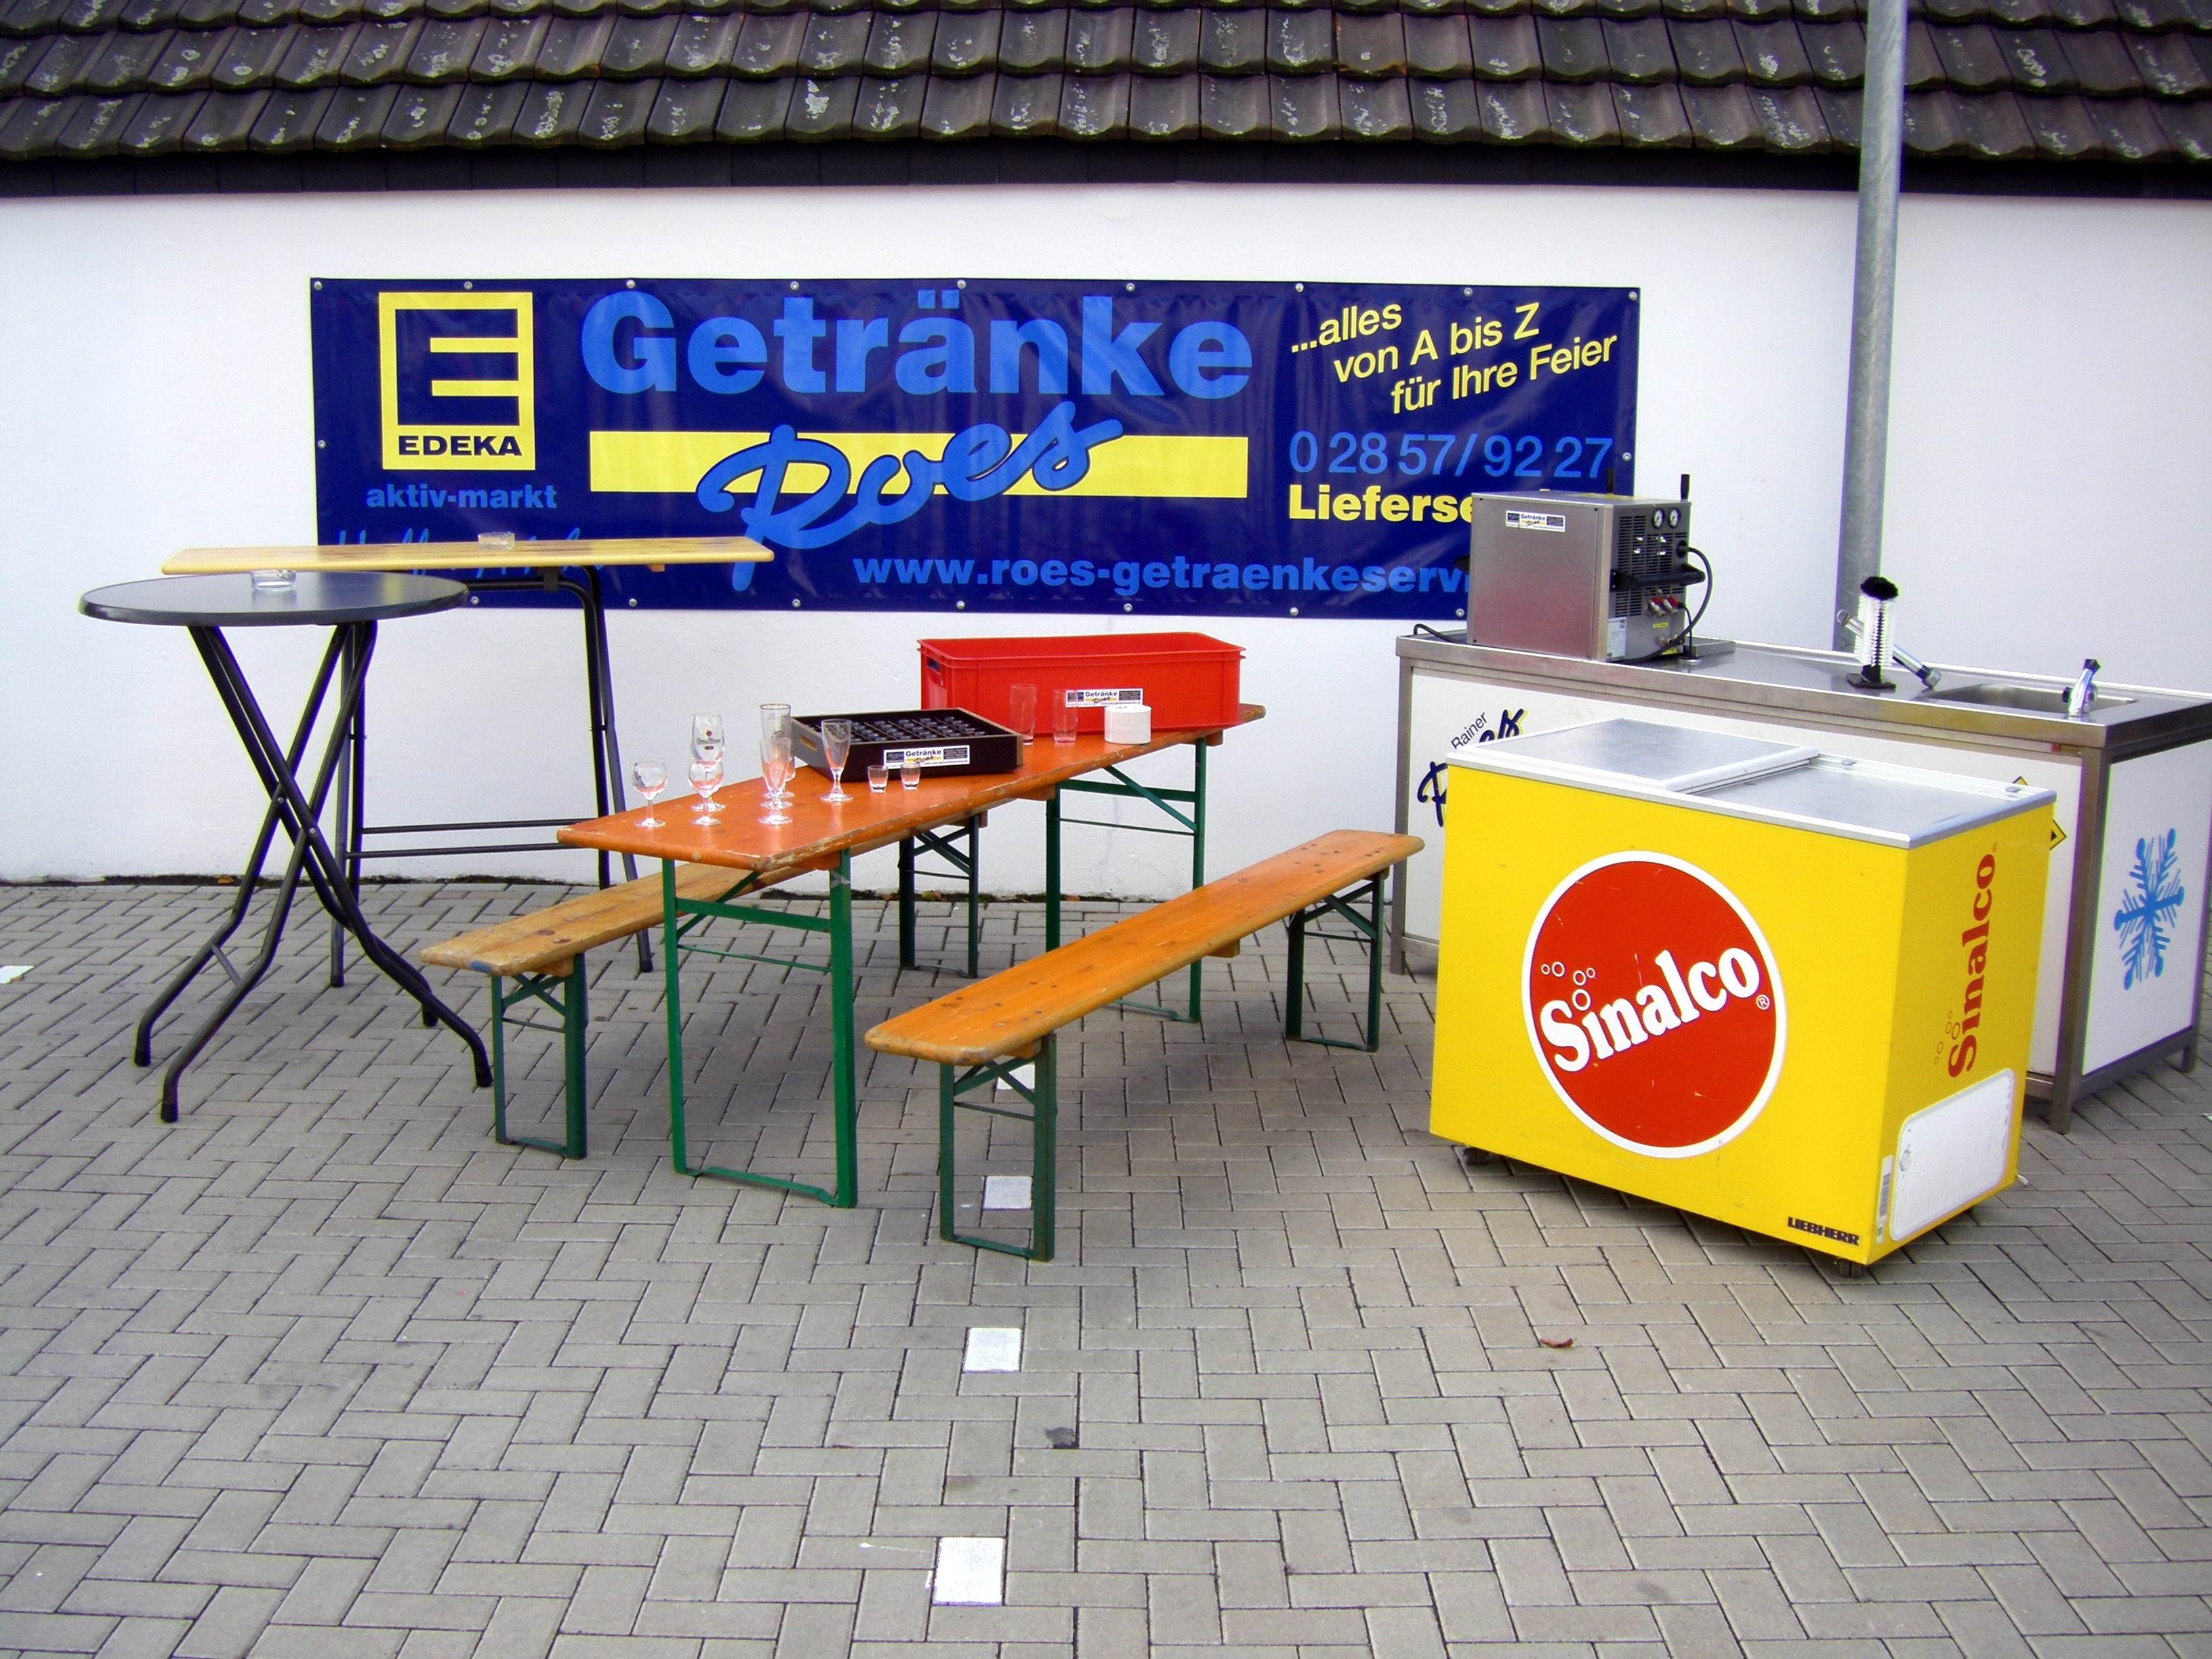 getränke_liefer_service_008